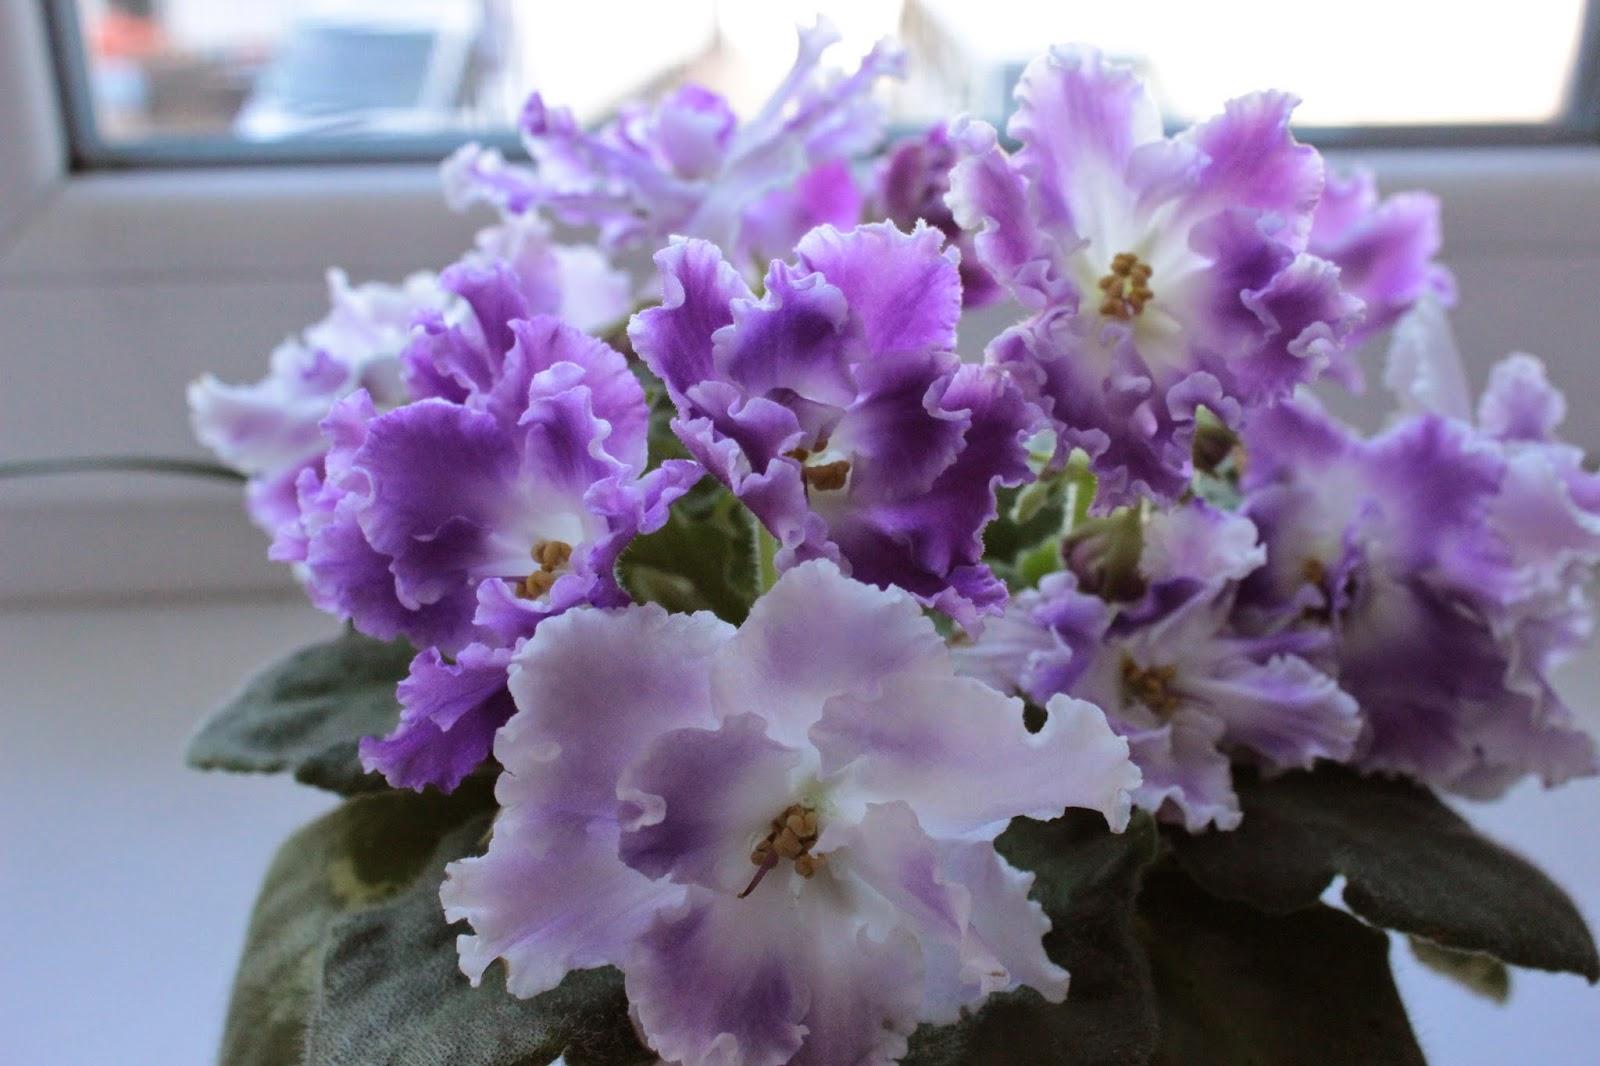 домашние растения, цветы, фиалки, красивые фиалки